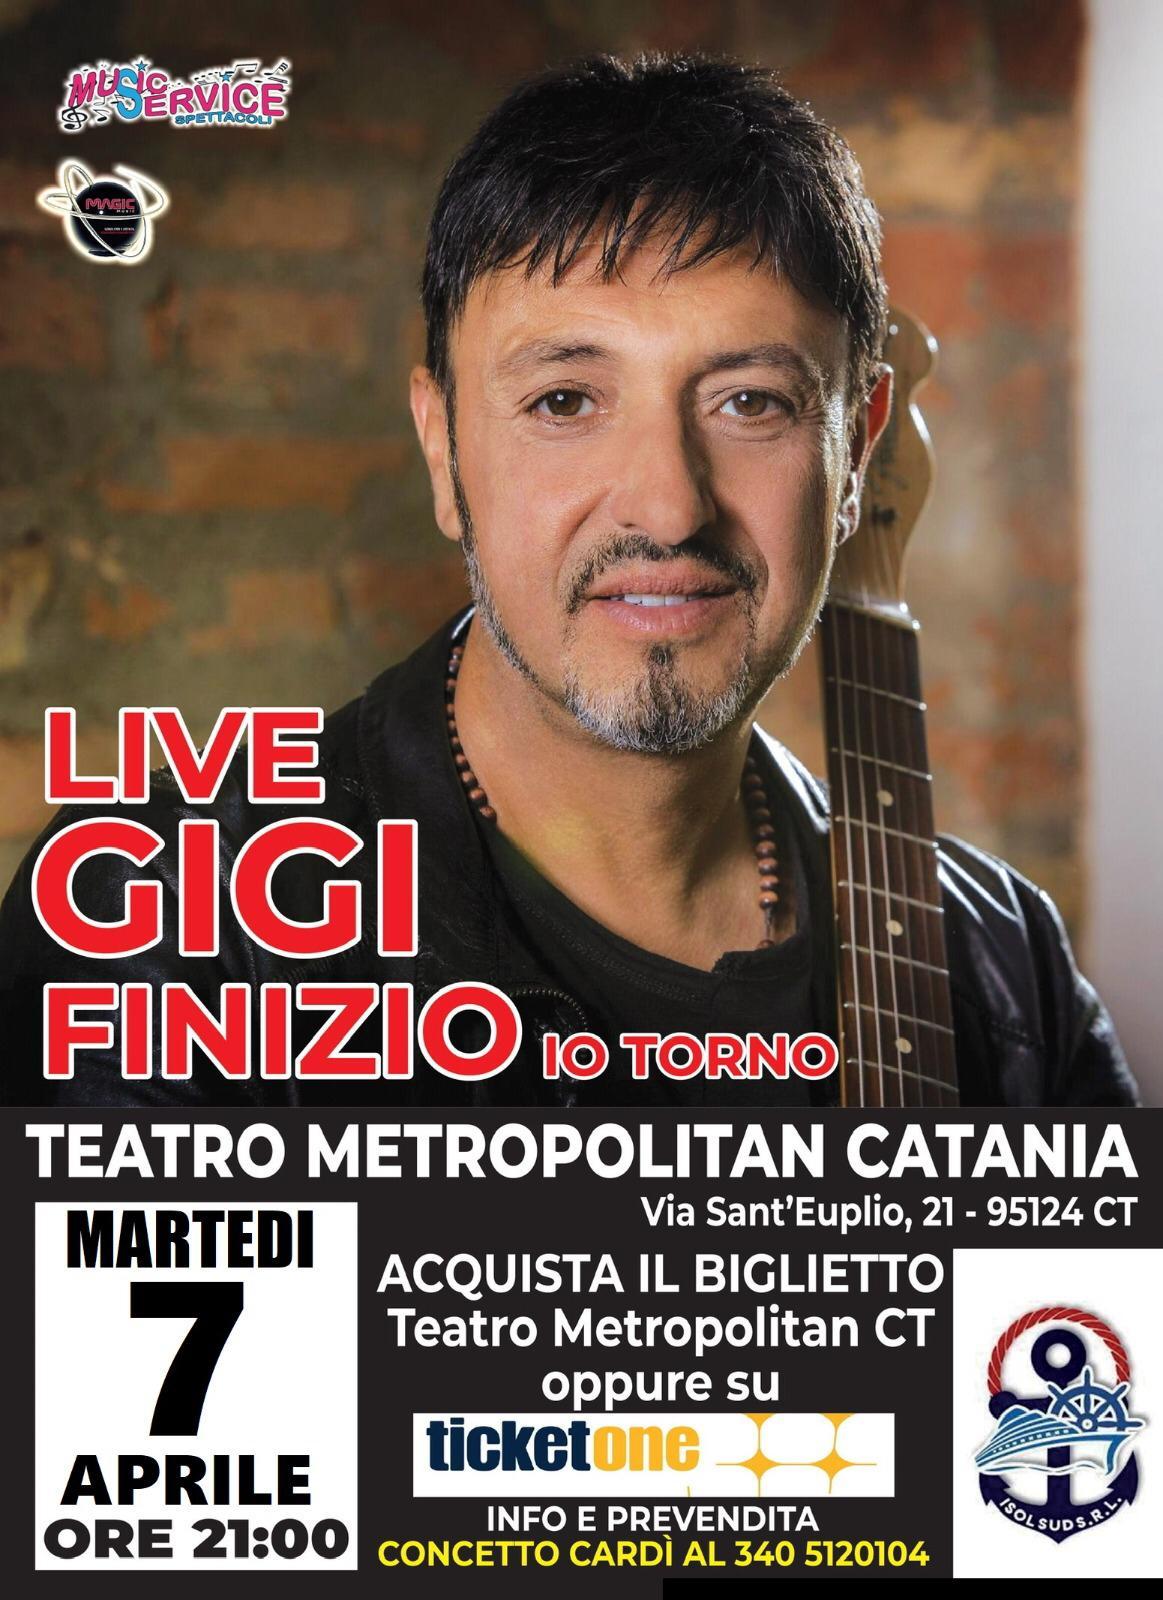 SPETTACOLO RIVIATO AL 7 APRILE - GIGI FINIZIO LIVE